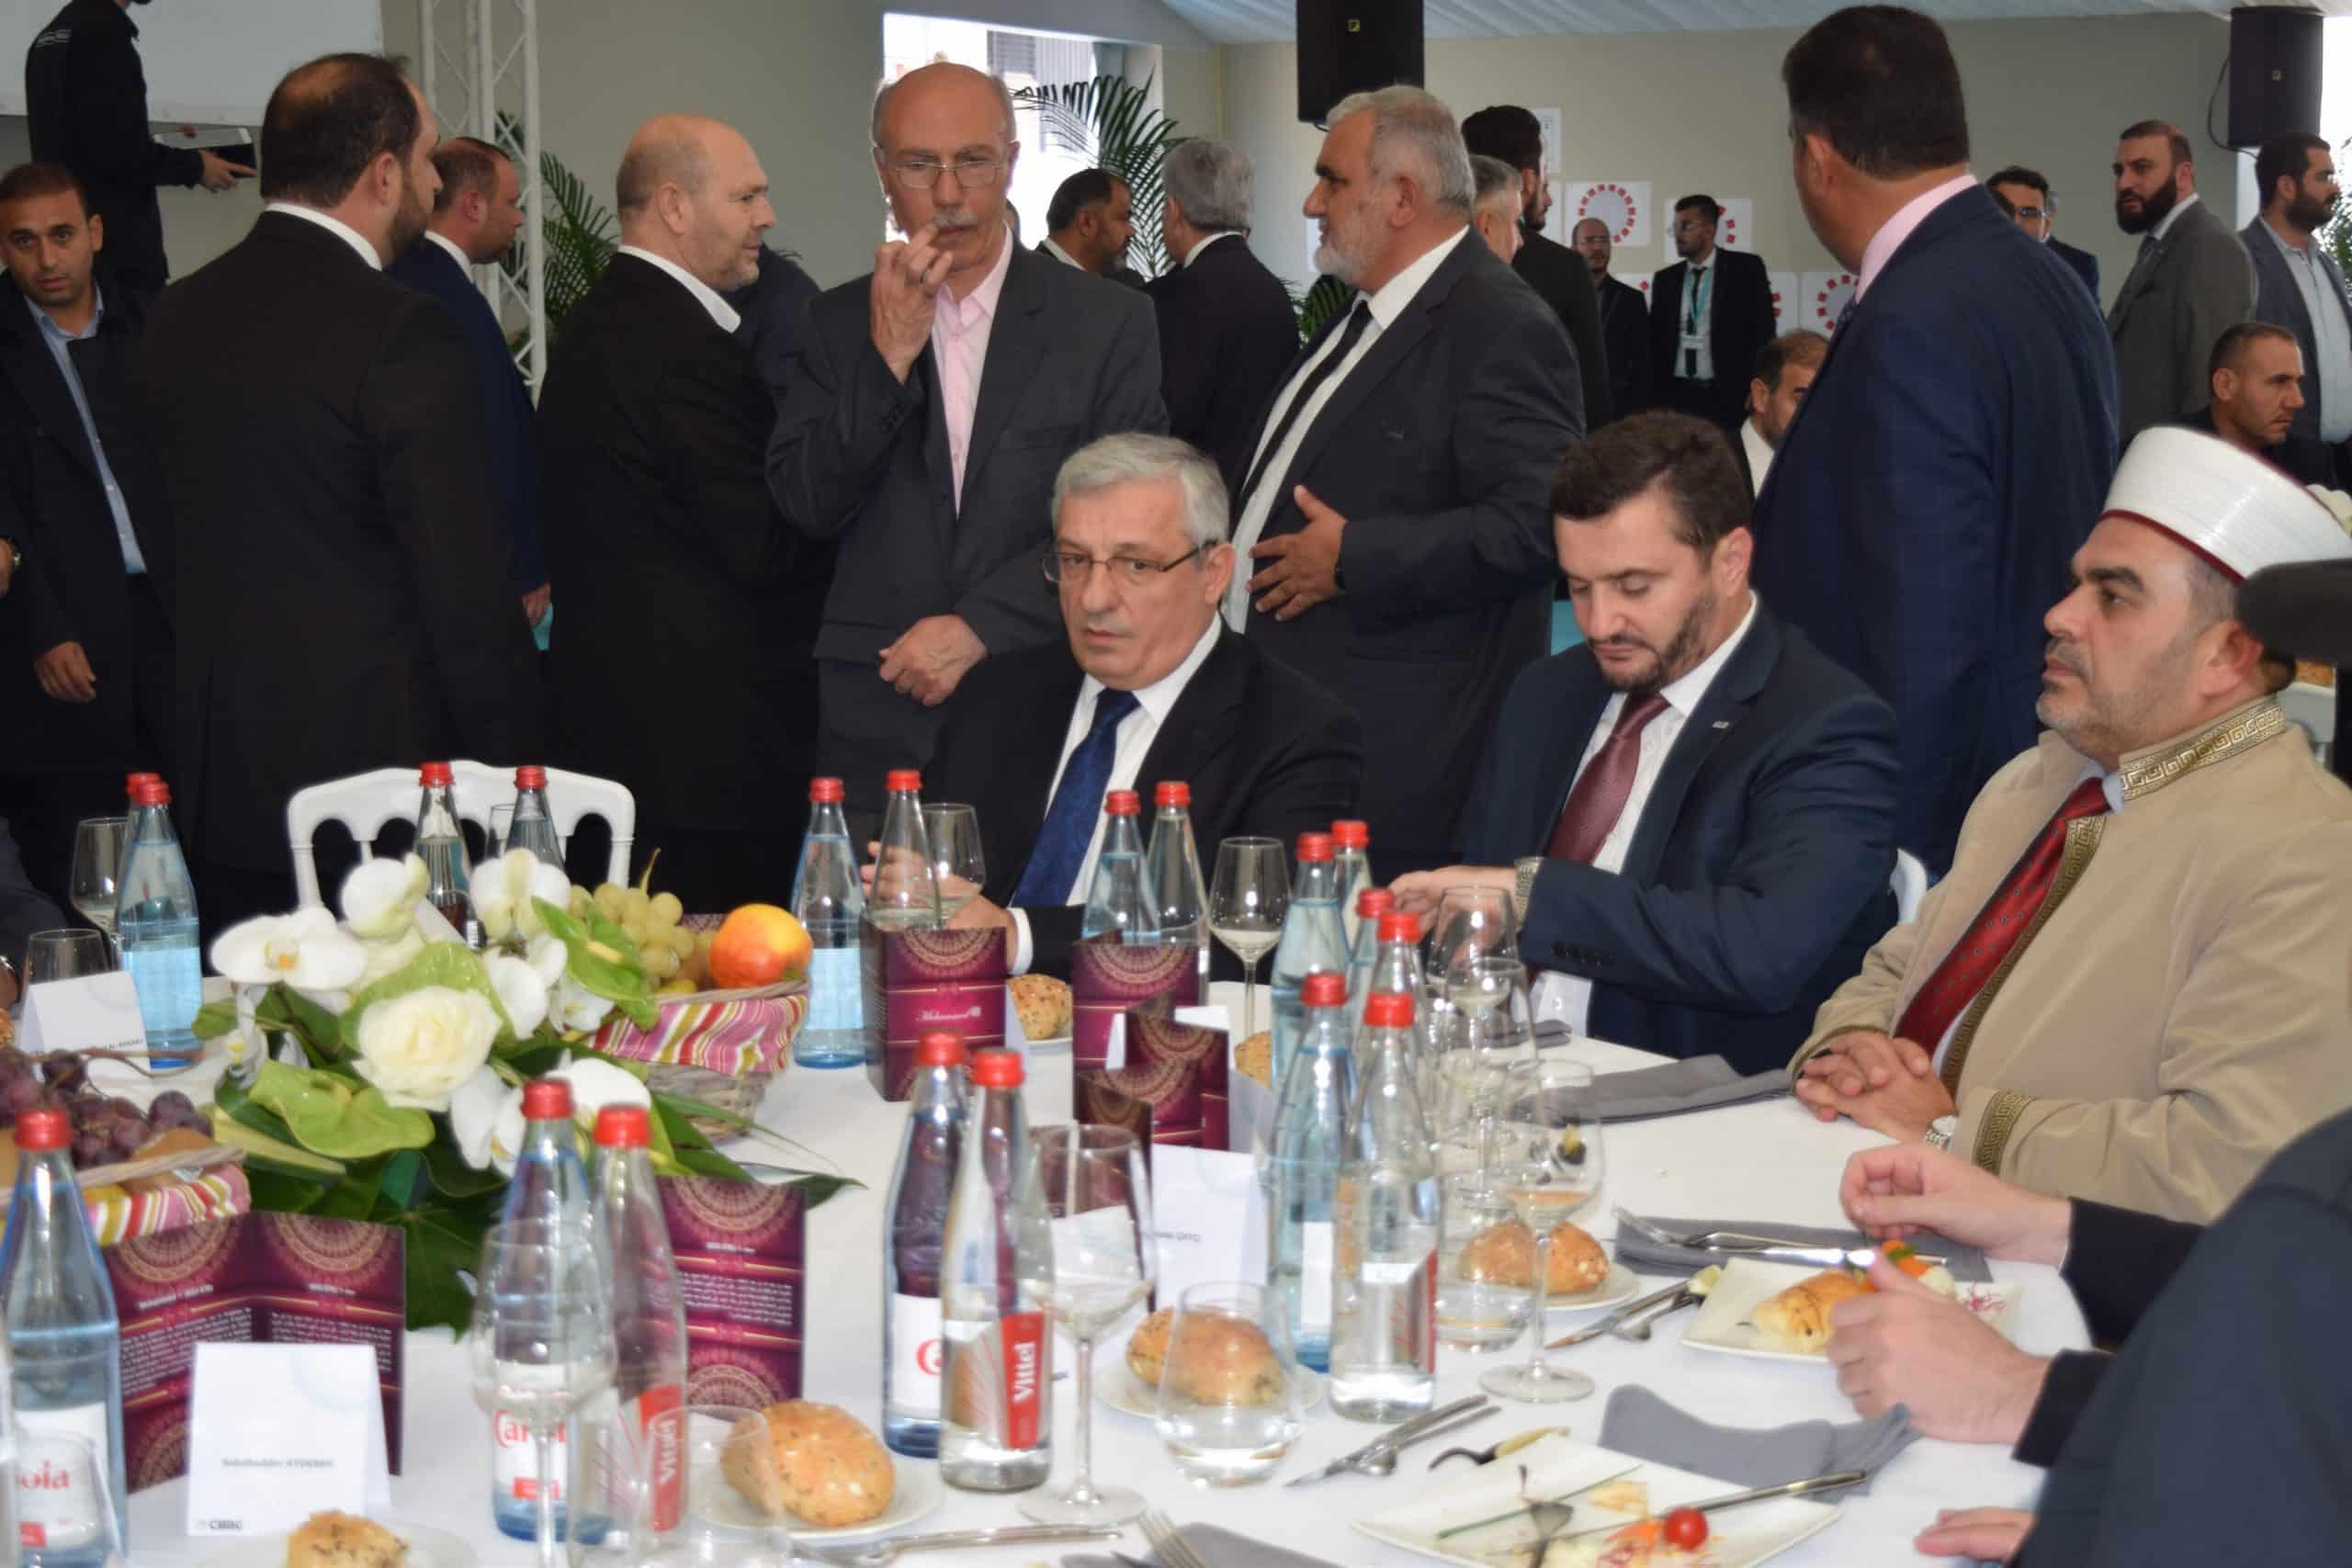 A gauche, Ismail Hakki Musa, ambassadeur de Turquie en France